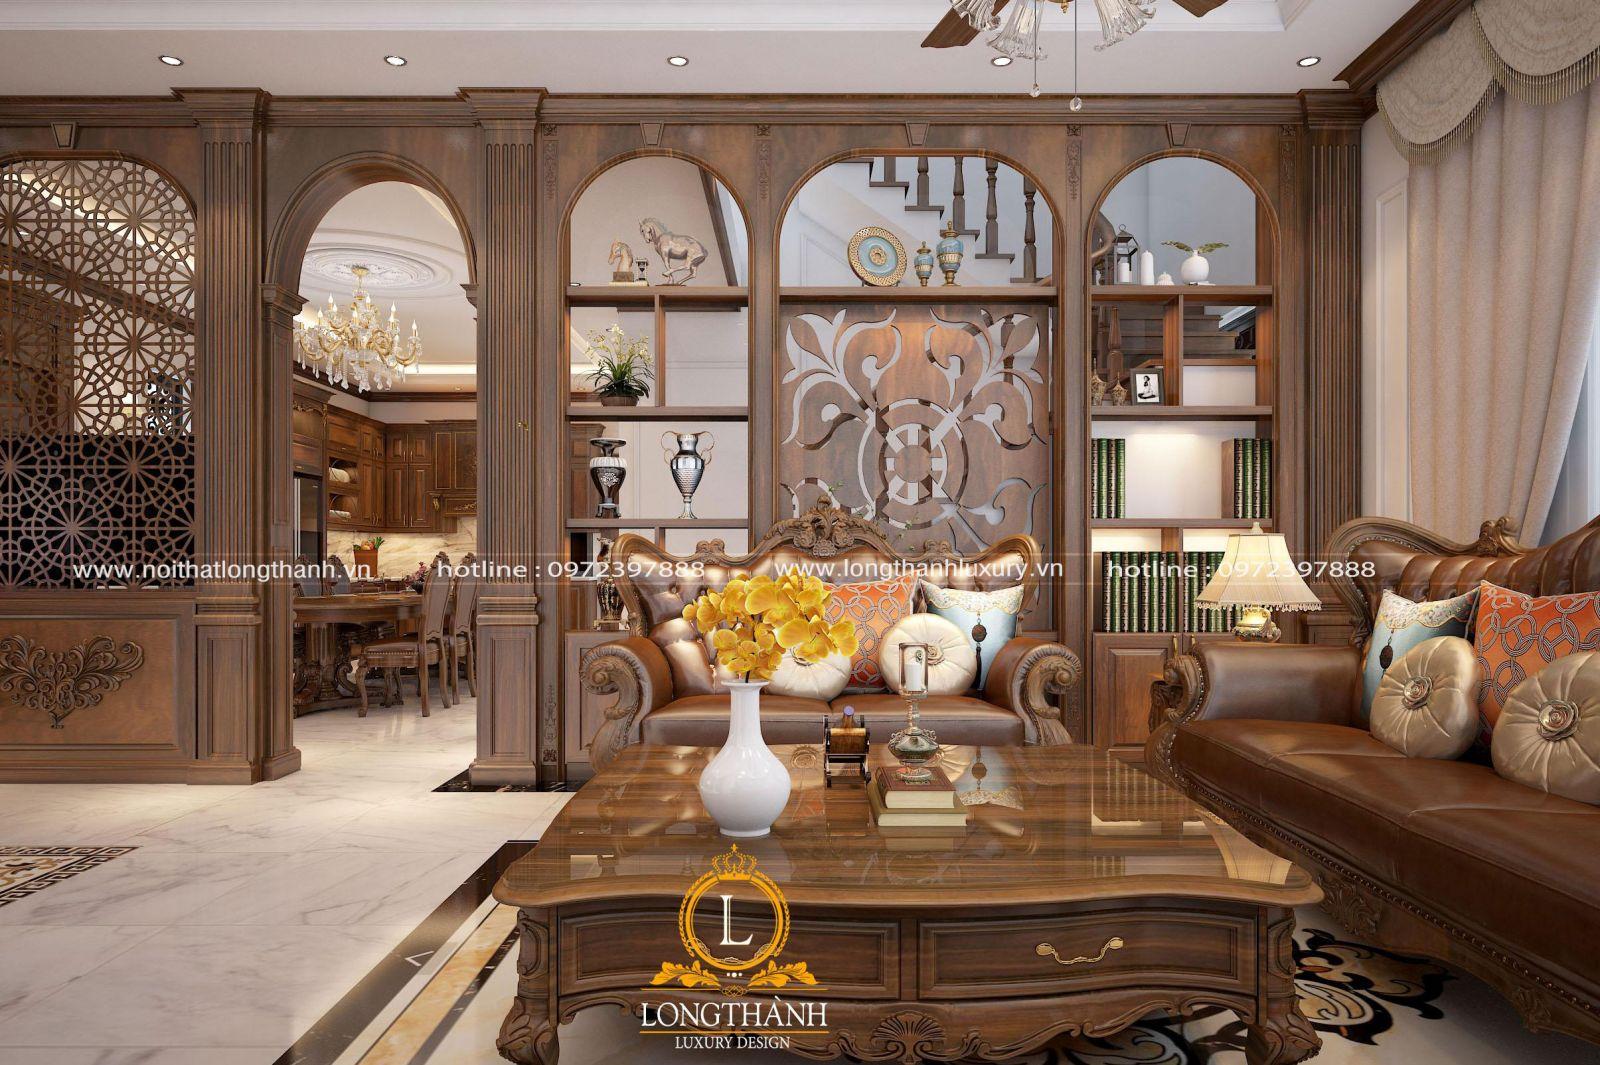 Thiết kế phòng khách tân cổ điển với vách ngăn gỗ tinh tế